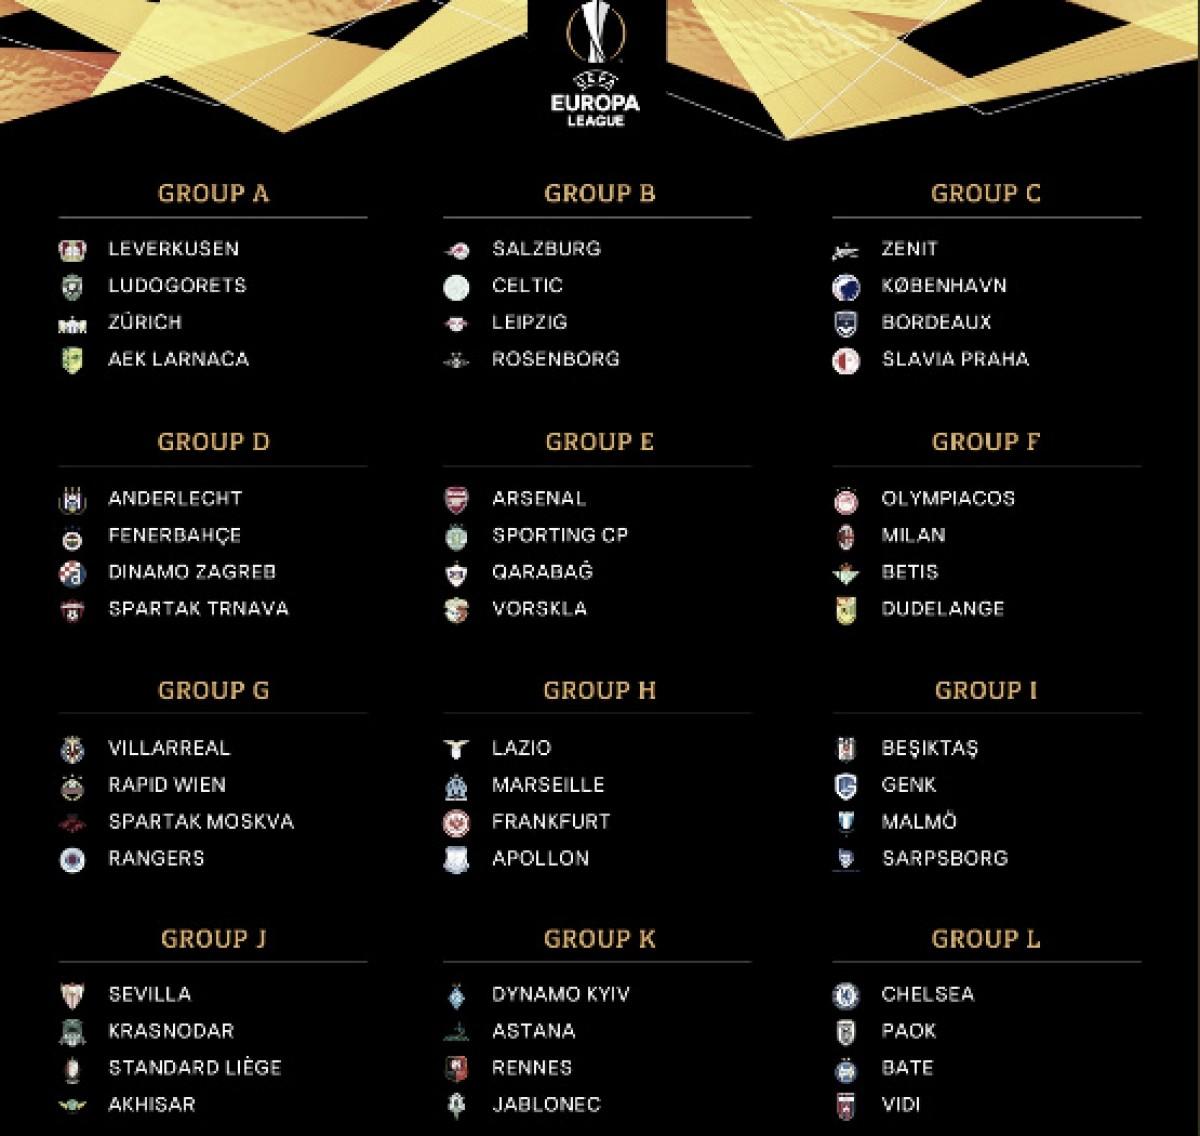 Los rivales de la Europa League son el Krasnodar, Standard Lieja y Akhisarspor